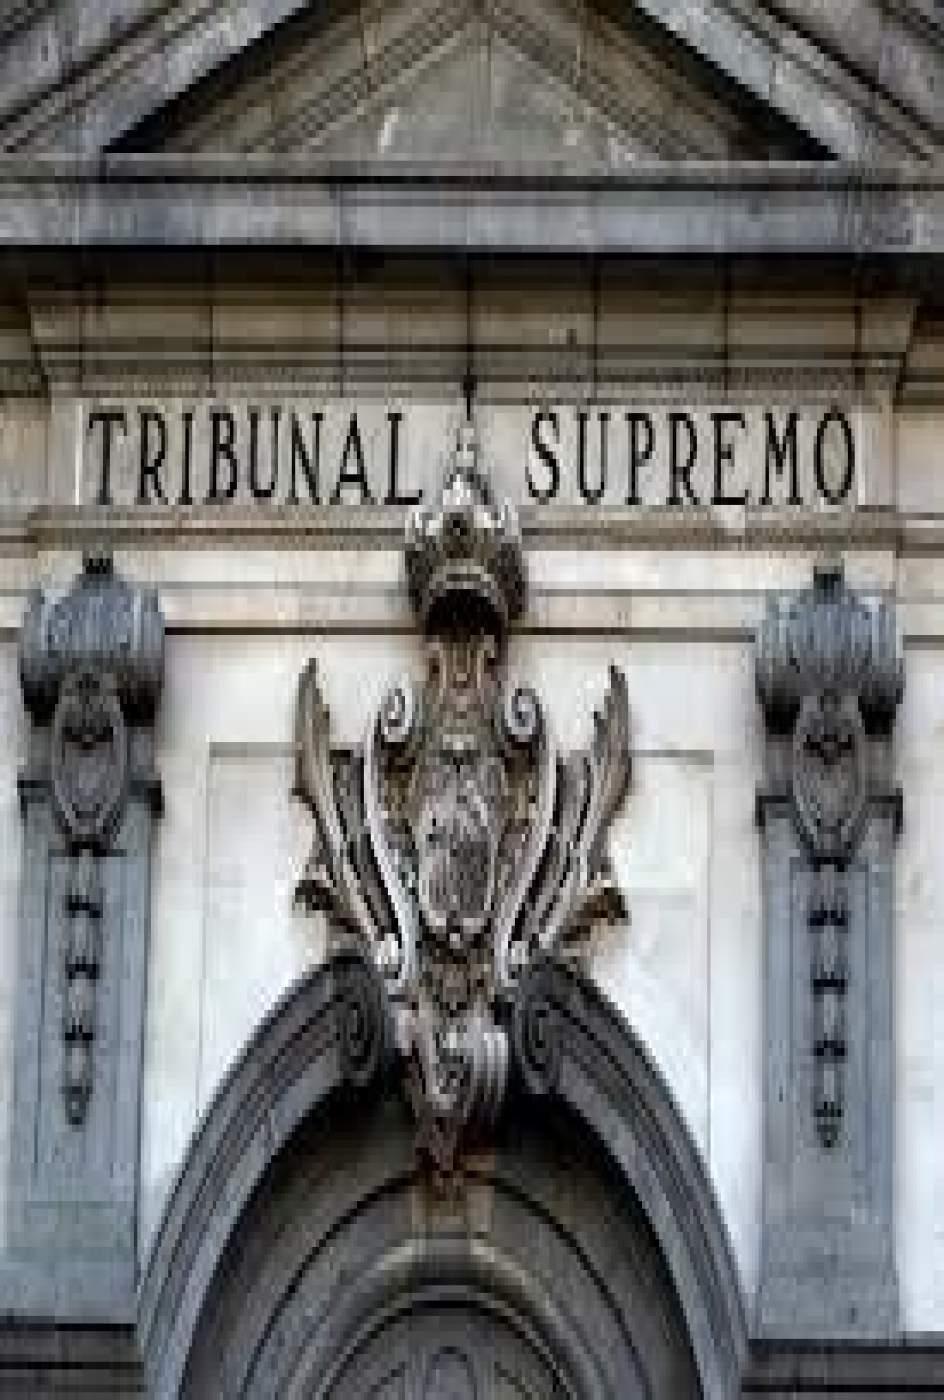 TS obliga a banco a devolver un millón de euros a una empresa por no dar información suficiente